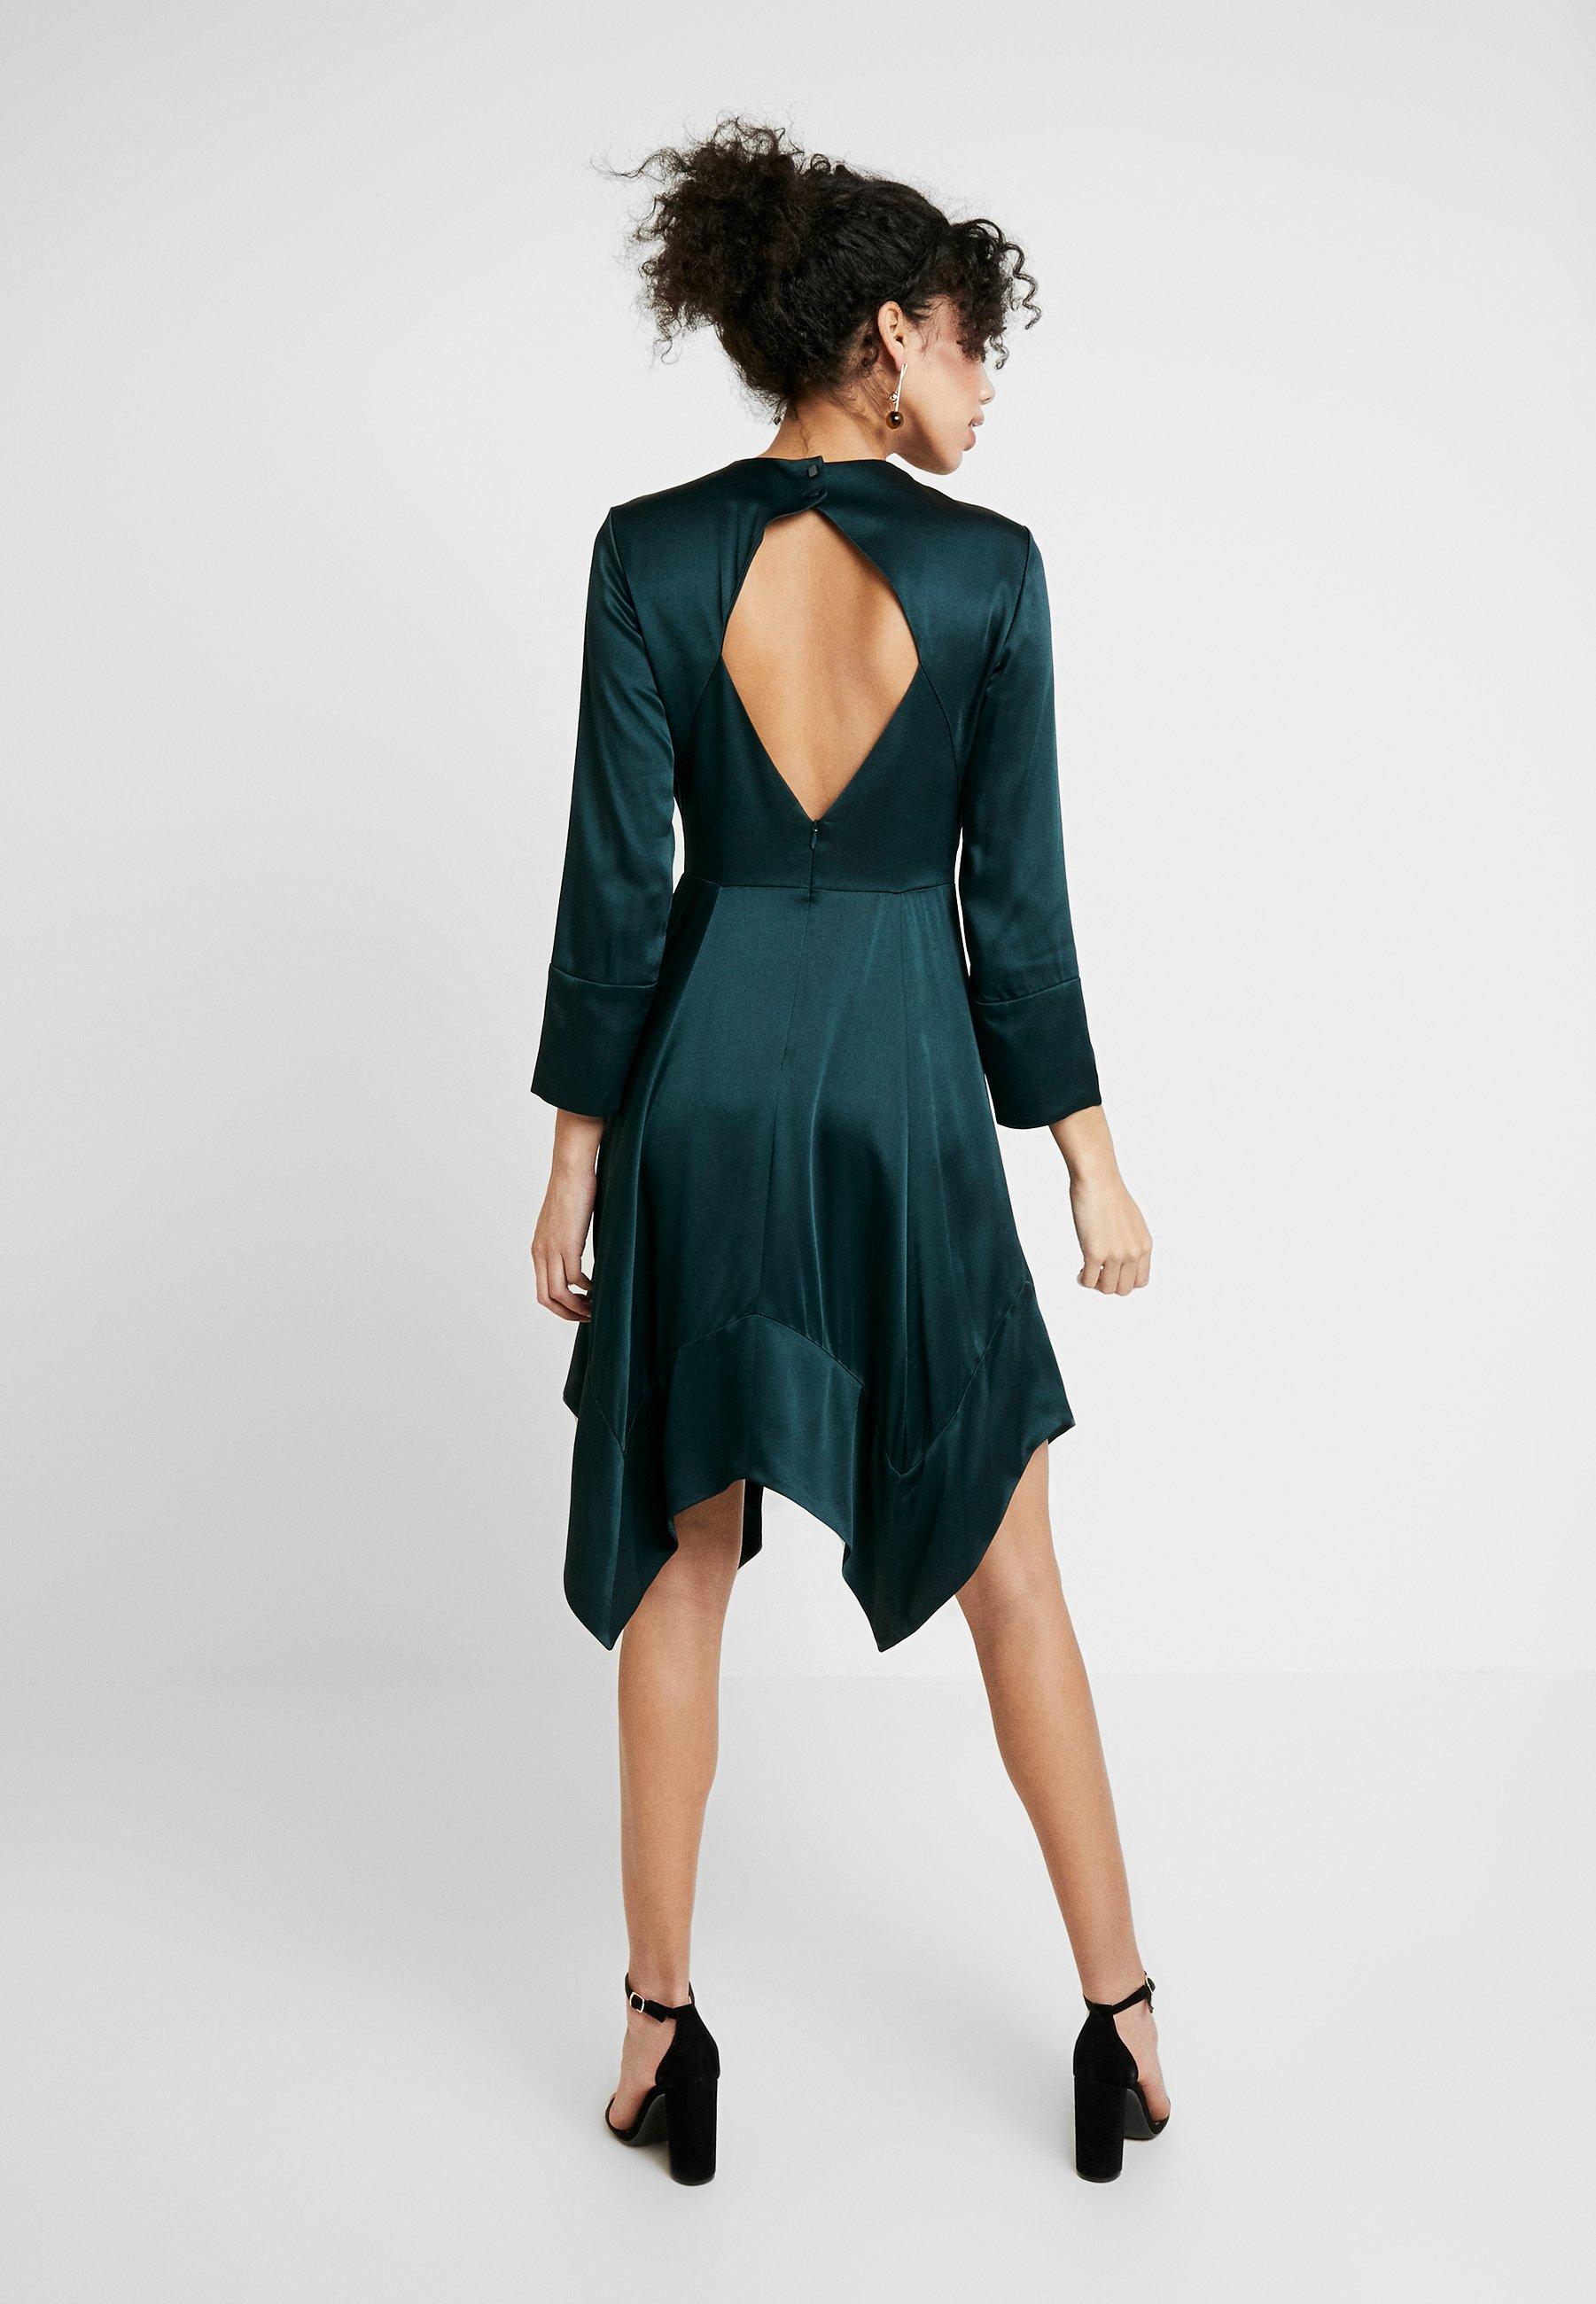 Duża obniżka Duża obniżka IVY & OAK Sukienka koktajlowa - bottle green | Odzież damska 2020 kWoWU